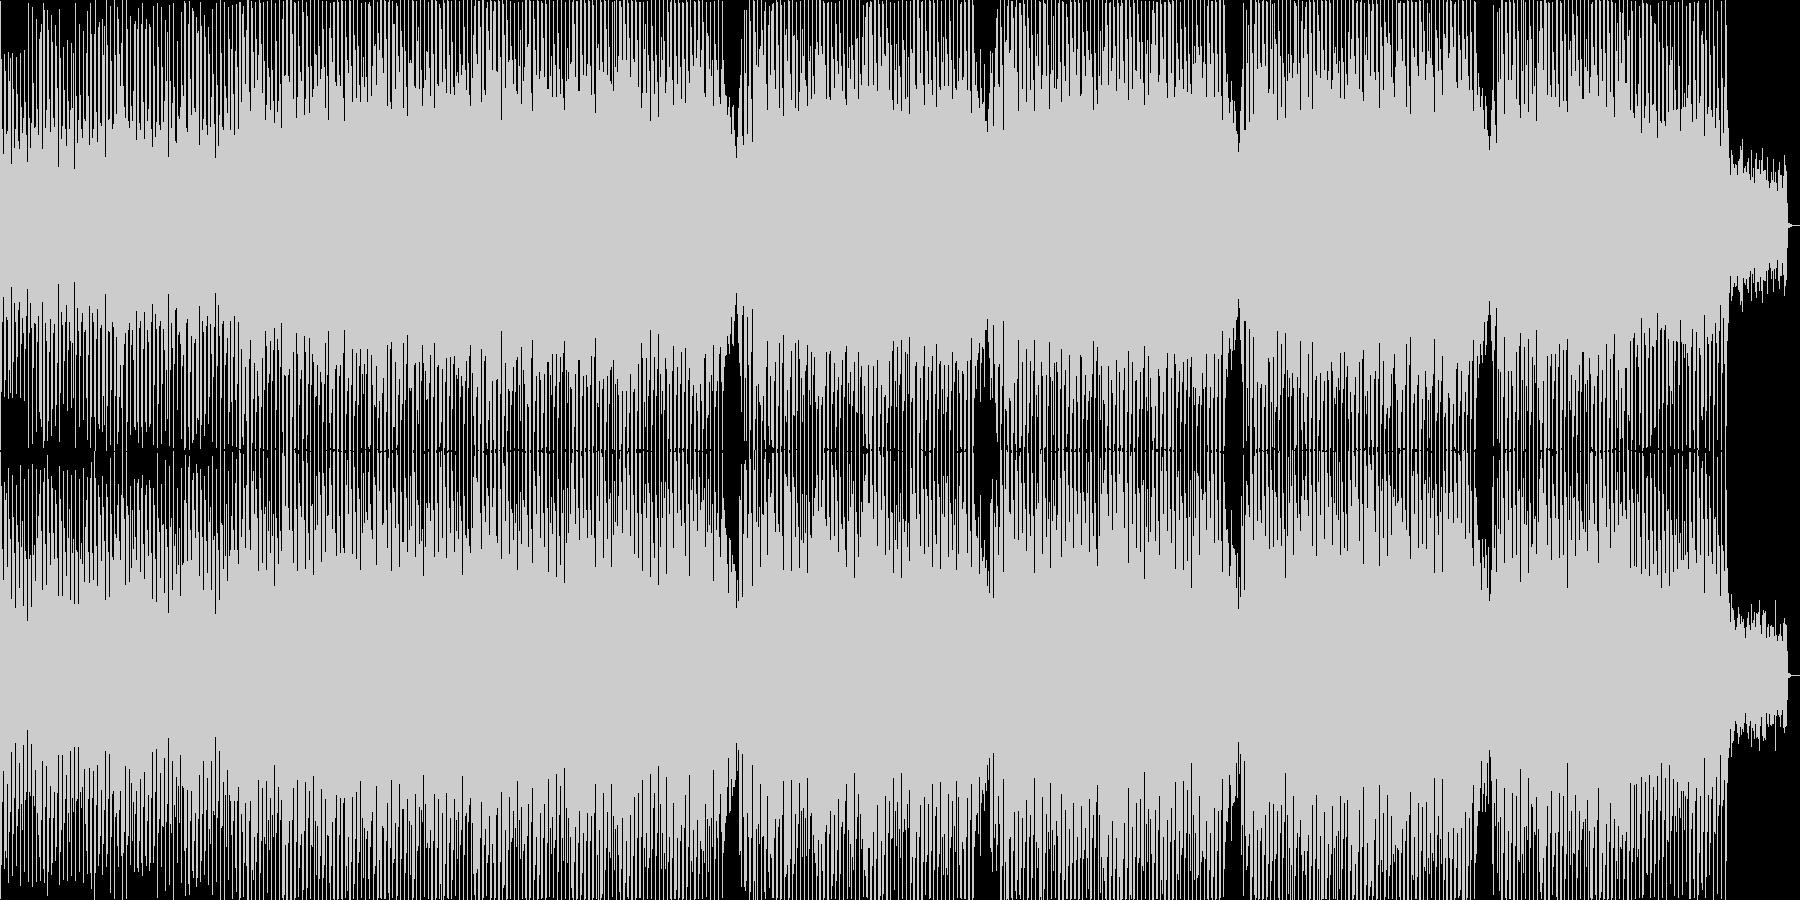 わくわく感のシンセ・鈴などポップの未再生の波形